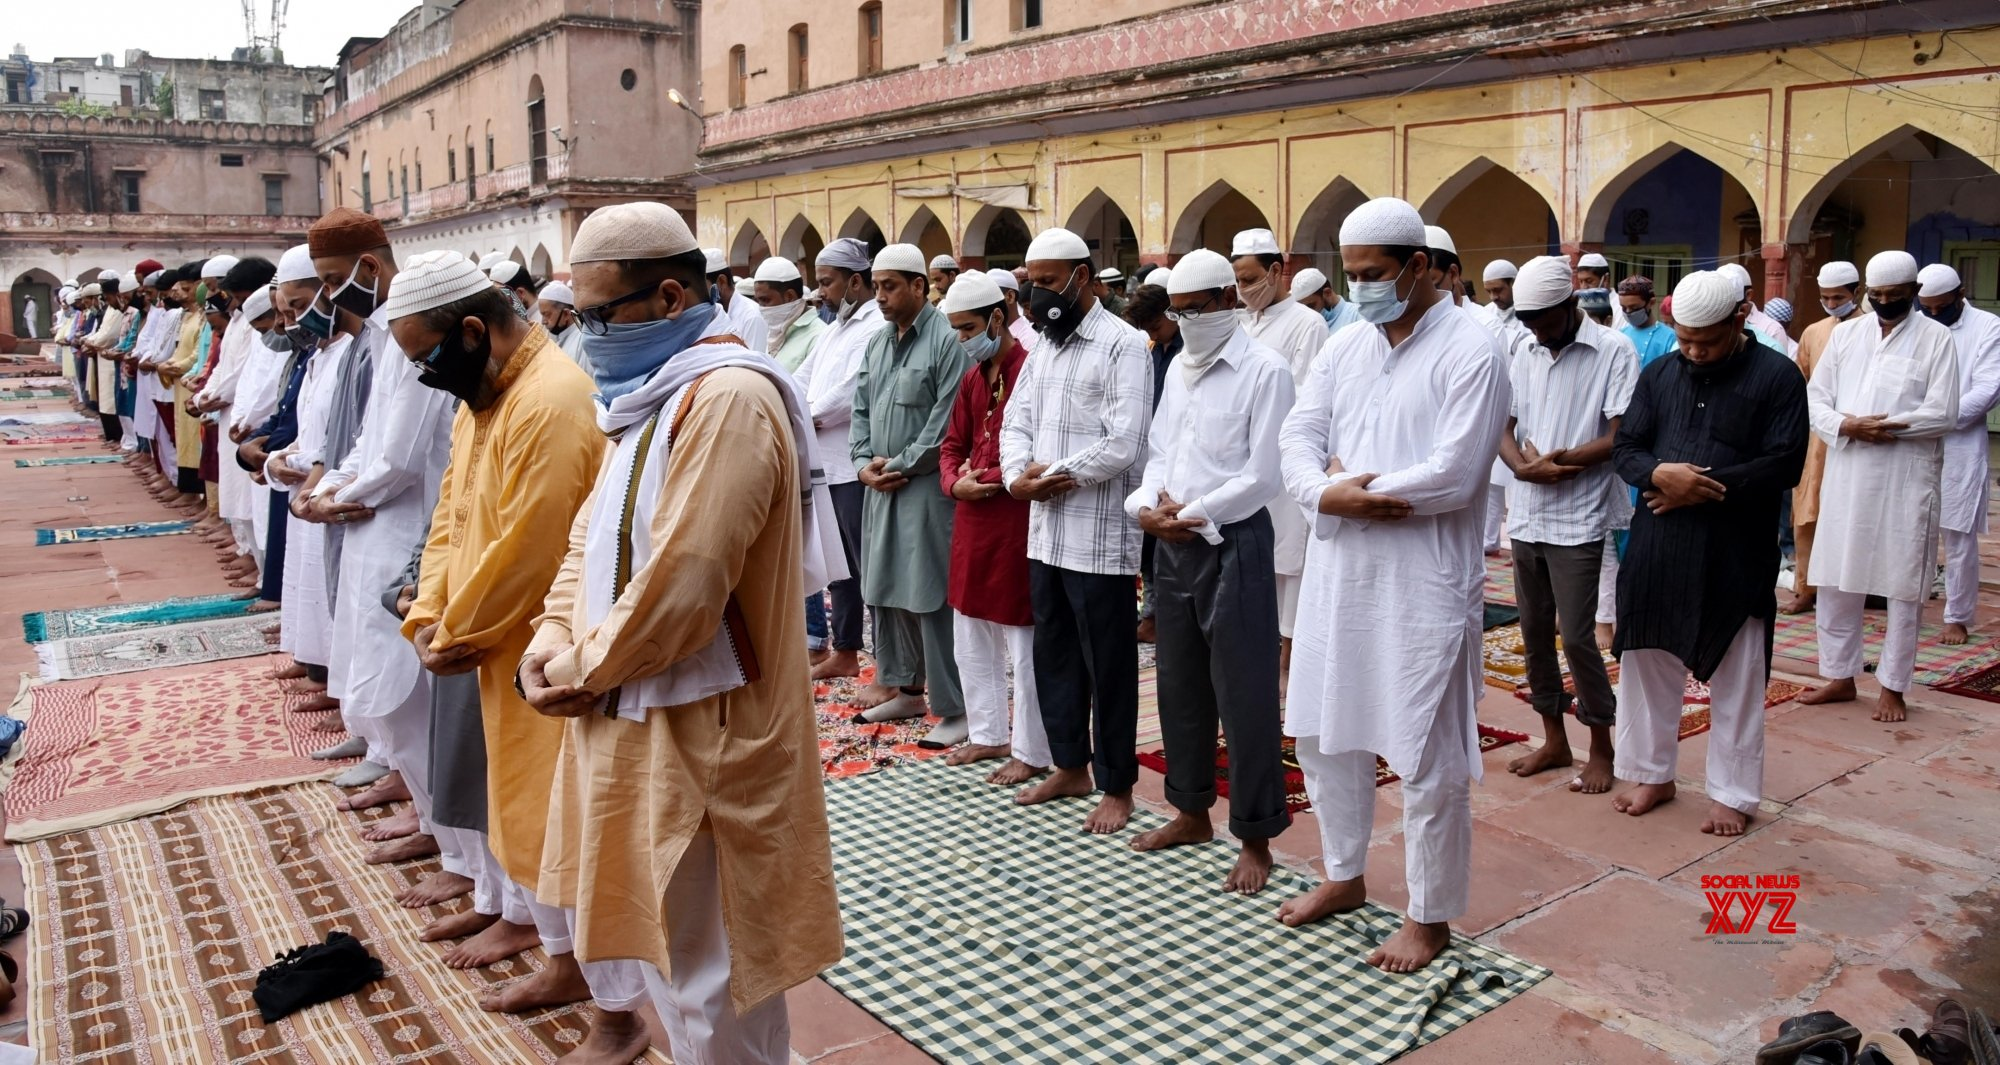 New Delhi: People offer Eid - Ul - Adha prayers at Fatehpuri Masjid #Gallery